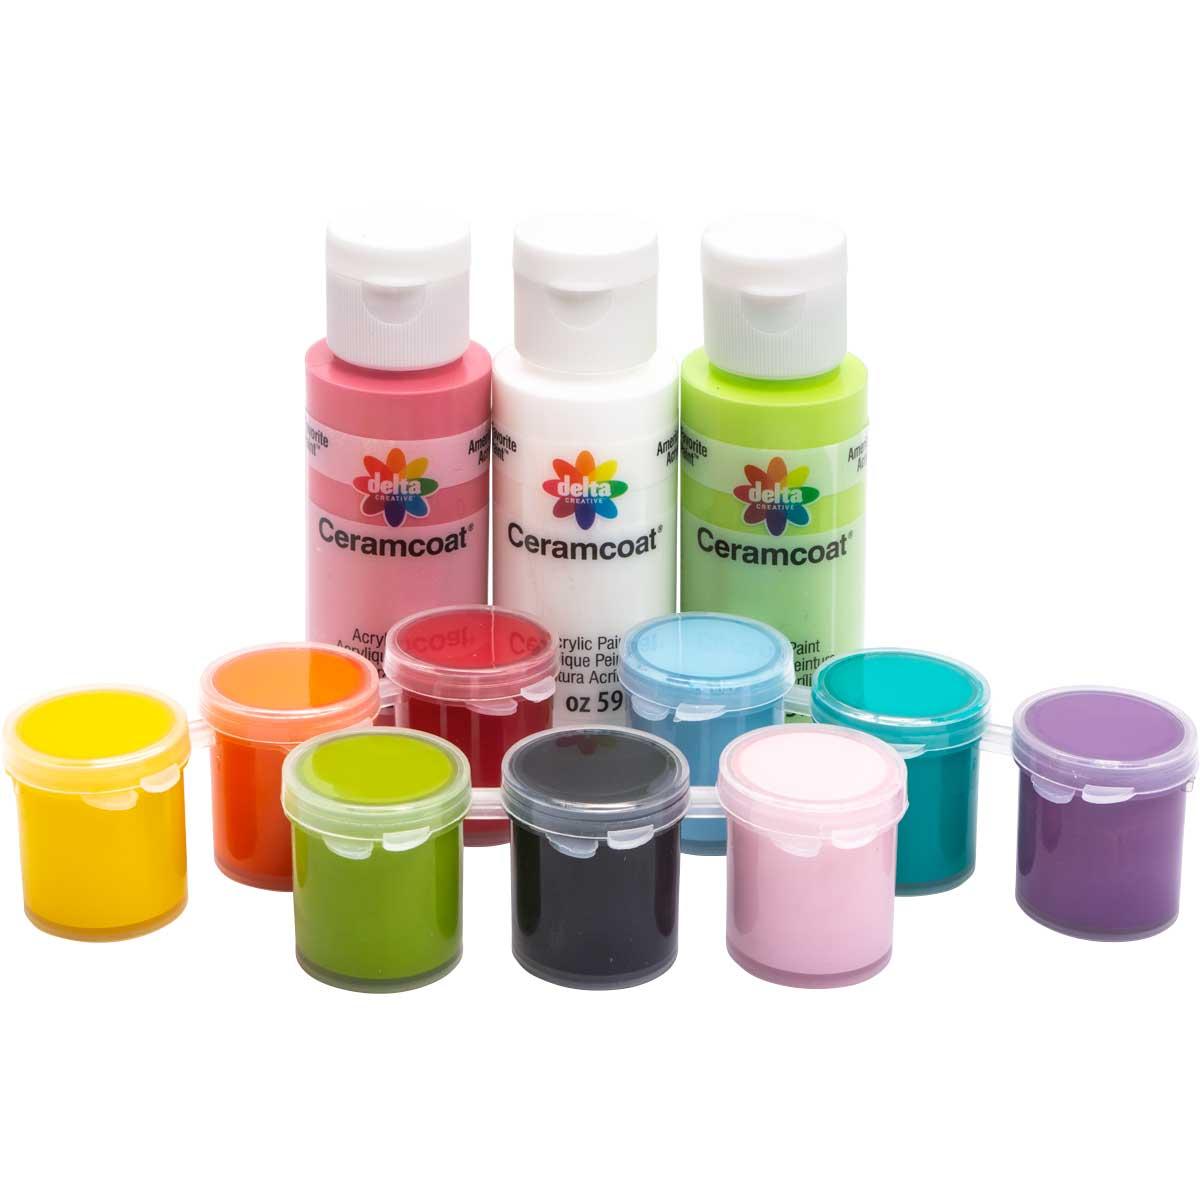 Delta Ceramcoat ® Paint-A-Project - Celebration, 12 Colors - 028890056